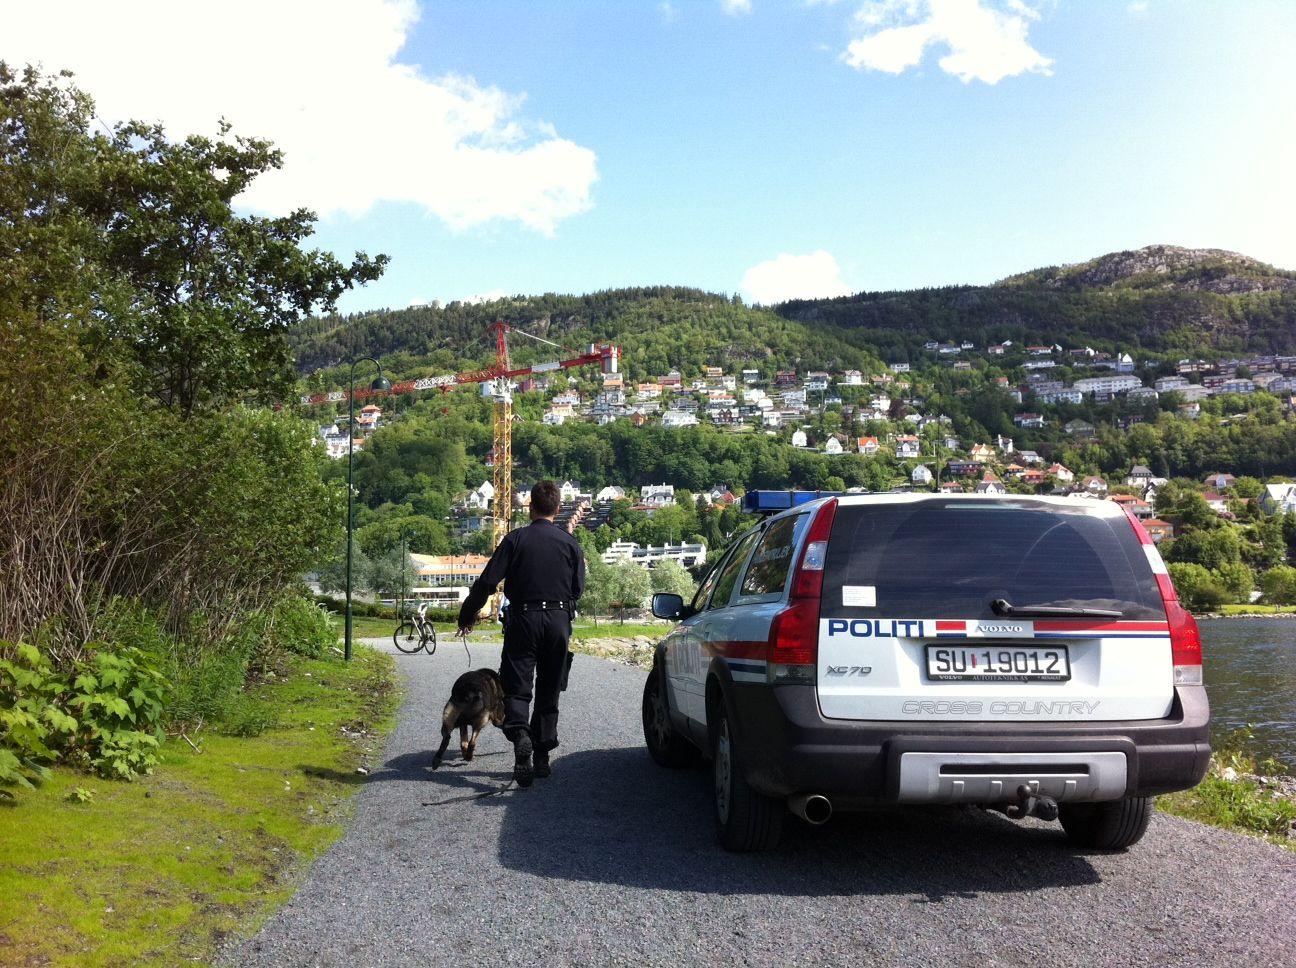 MED HUND: Politiet med hund på jakt etter de mistenkte taggerne.